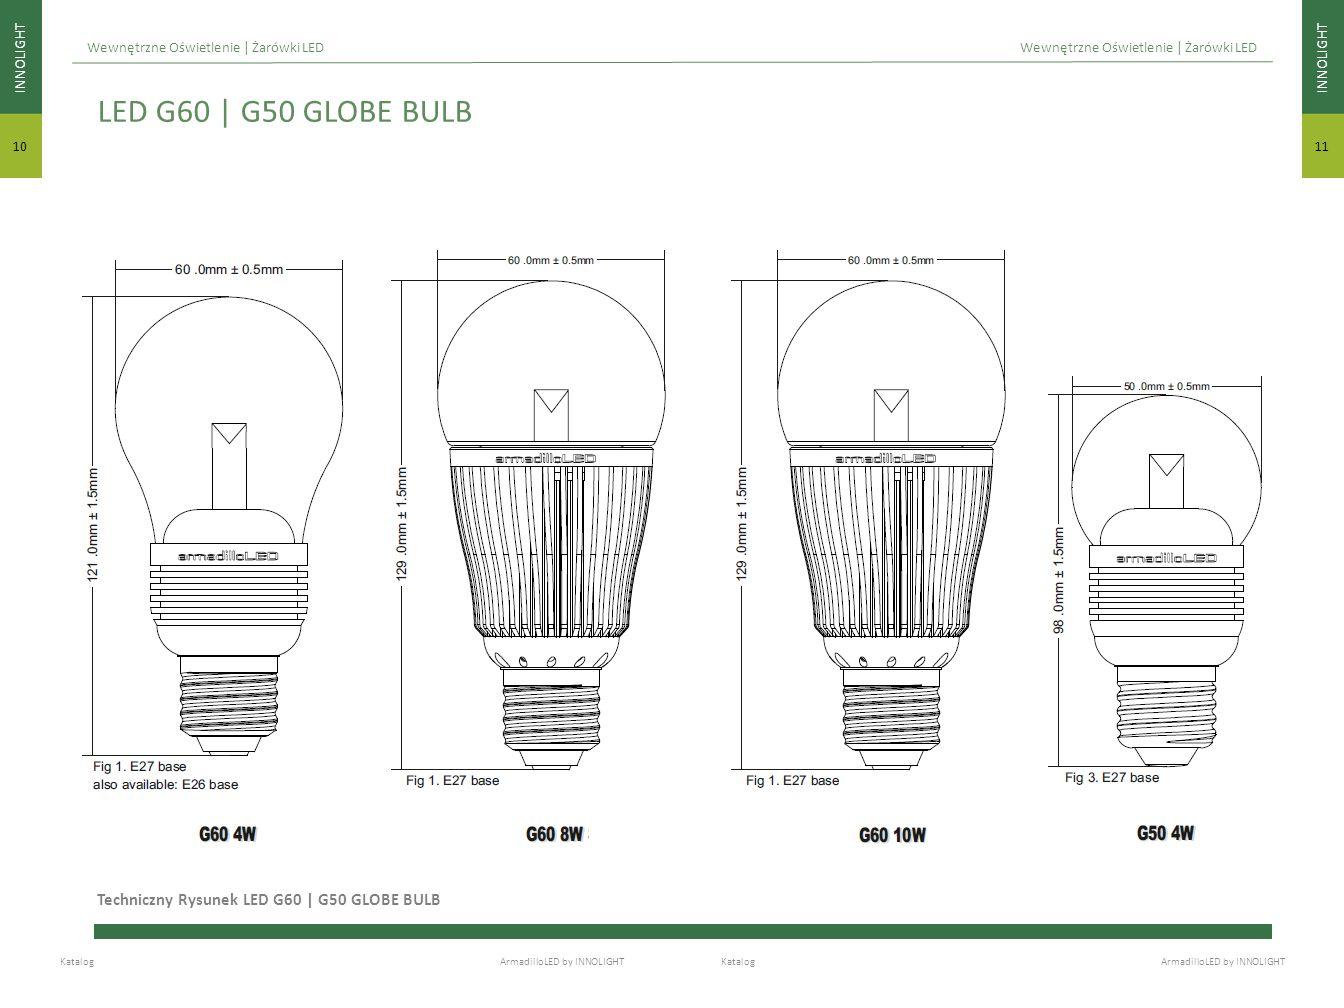 INNOLIGHT 11 INNOLIGHT 10 Katalog ArmadilloLED by INNOLIGHT Wewnętrzne Oświetlenie | Żarówki LED Techniczny Rysunek LED G60 | G50 GLOBE BULB LED G60 |